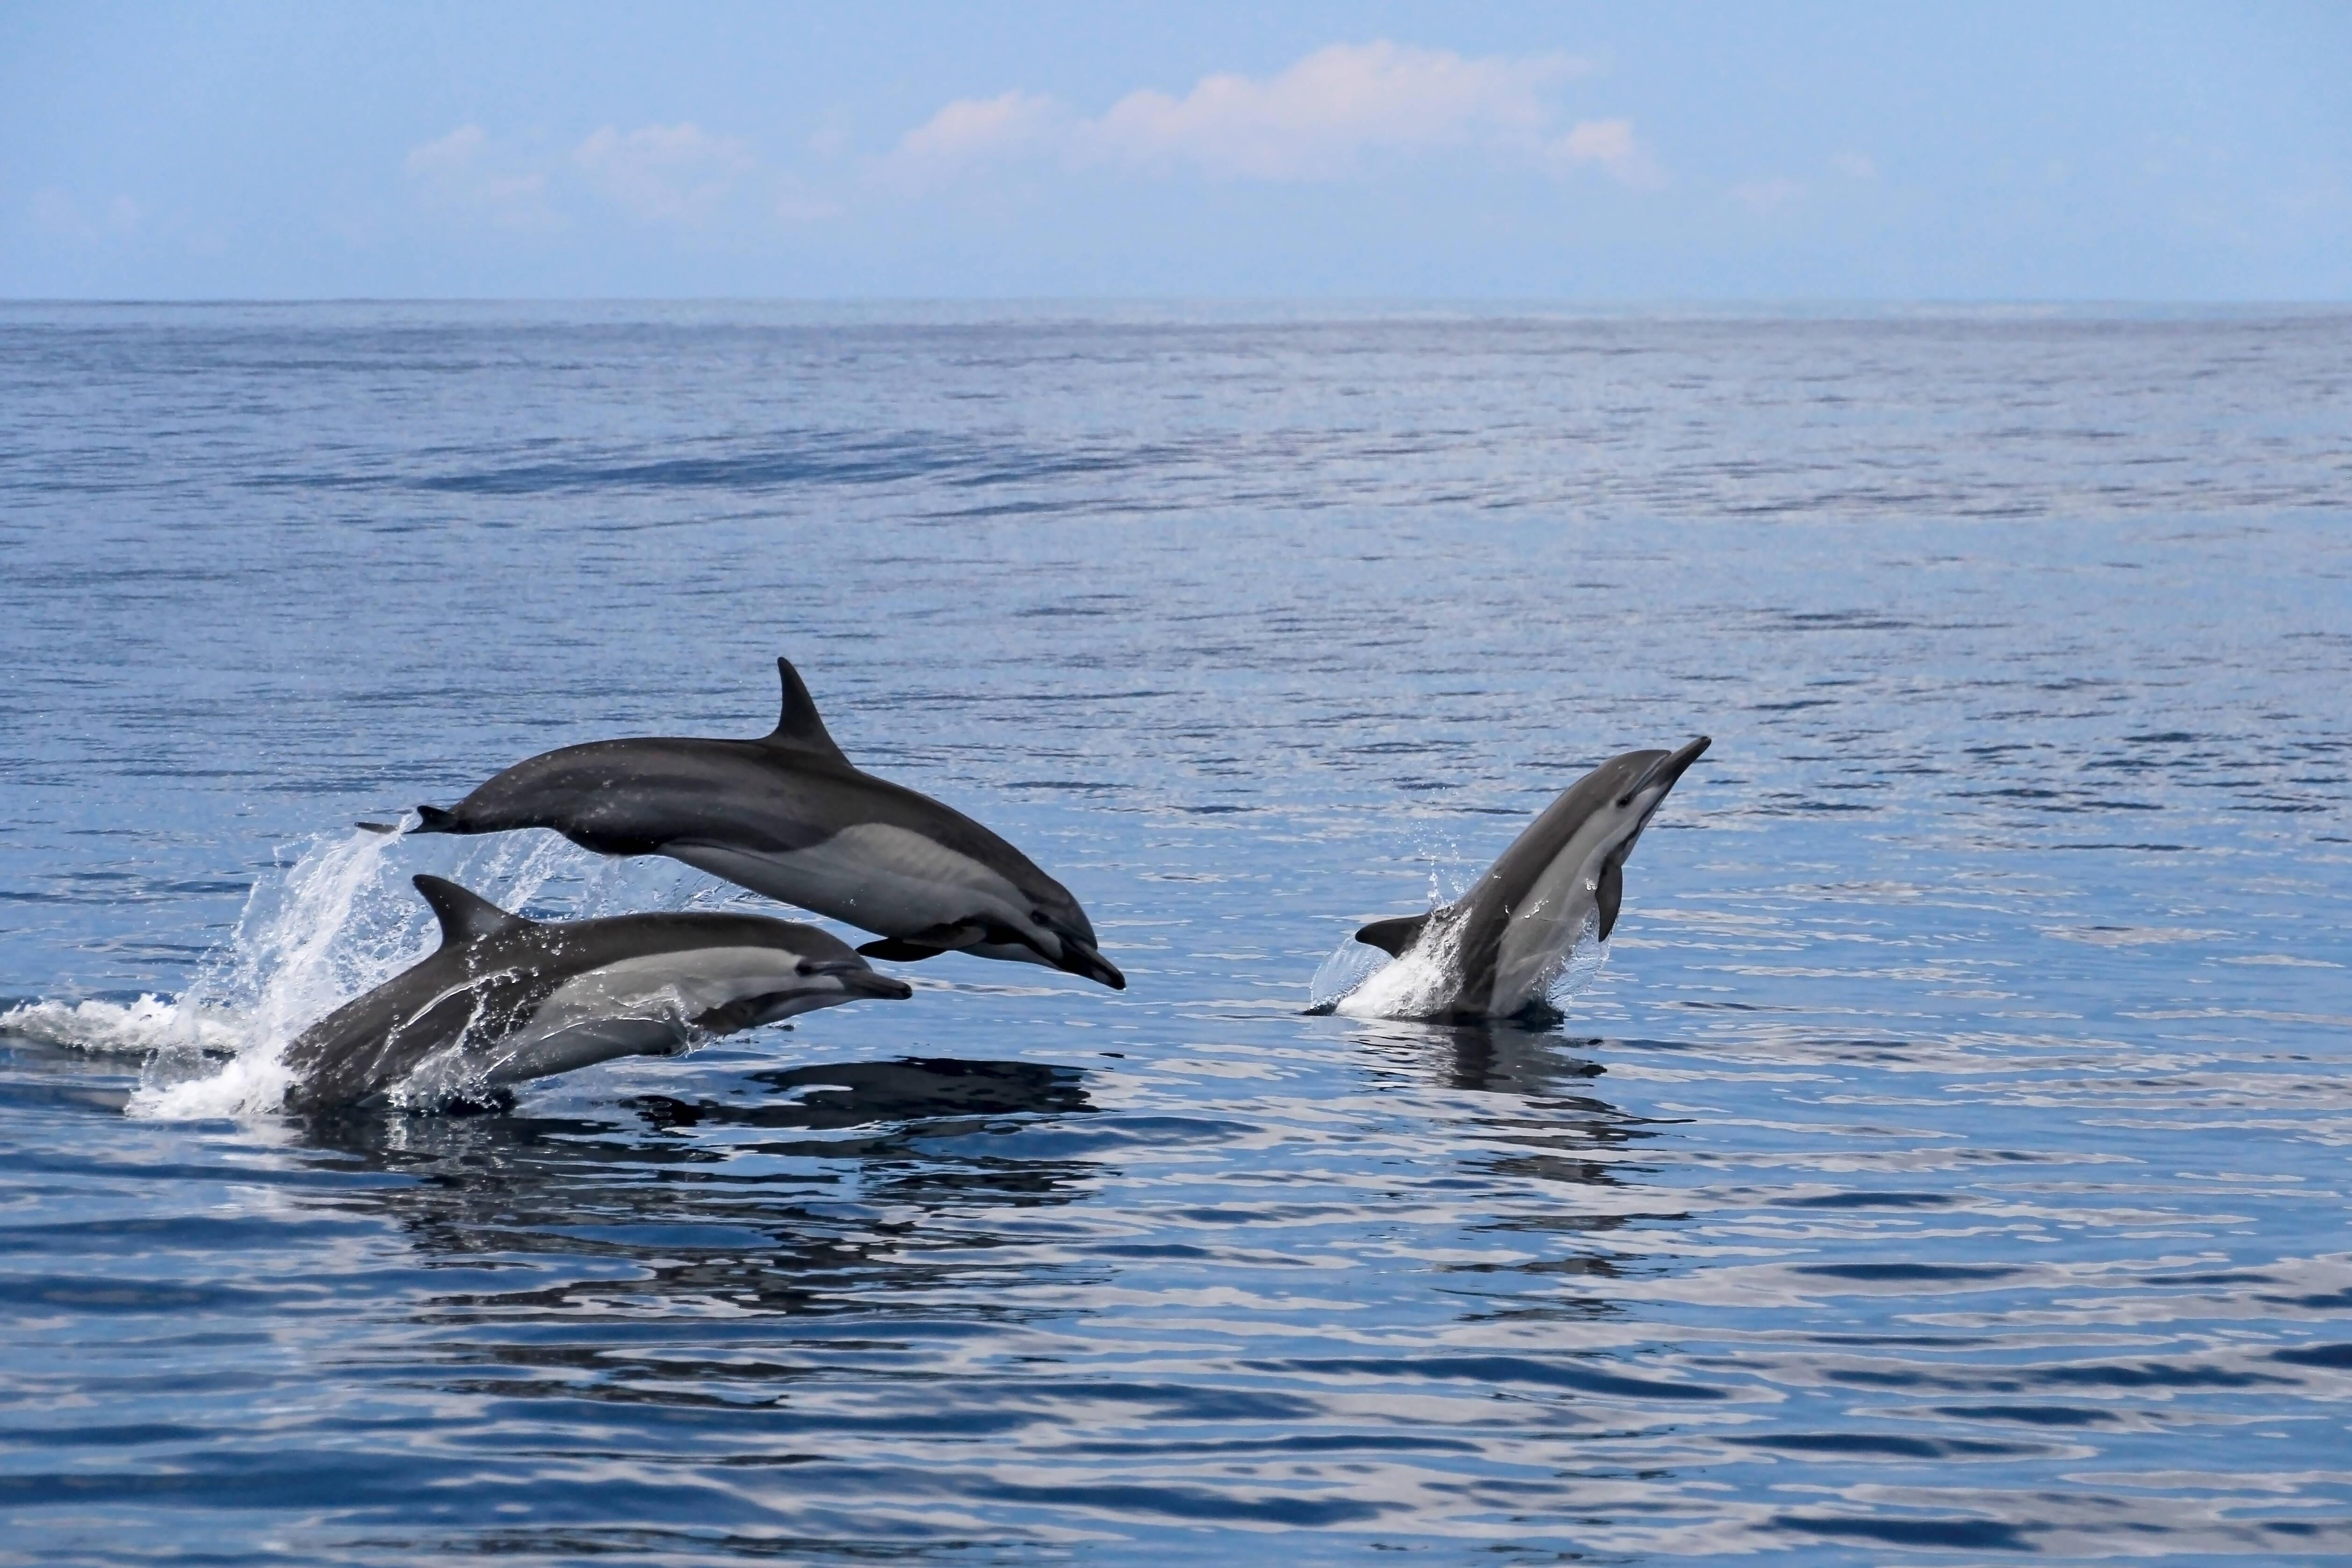 Os golfinhos podem ser observados em diversos pontos do litoral costarriquenho, a exemplo da Reserva de Isla del Caño. Foto: shutterstock